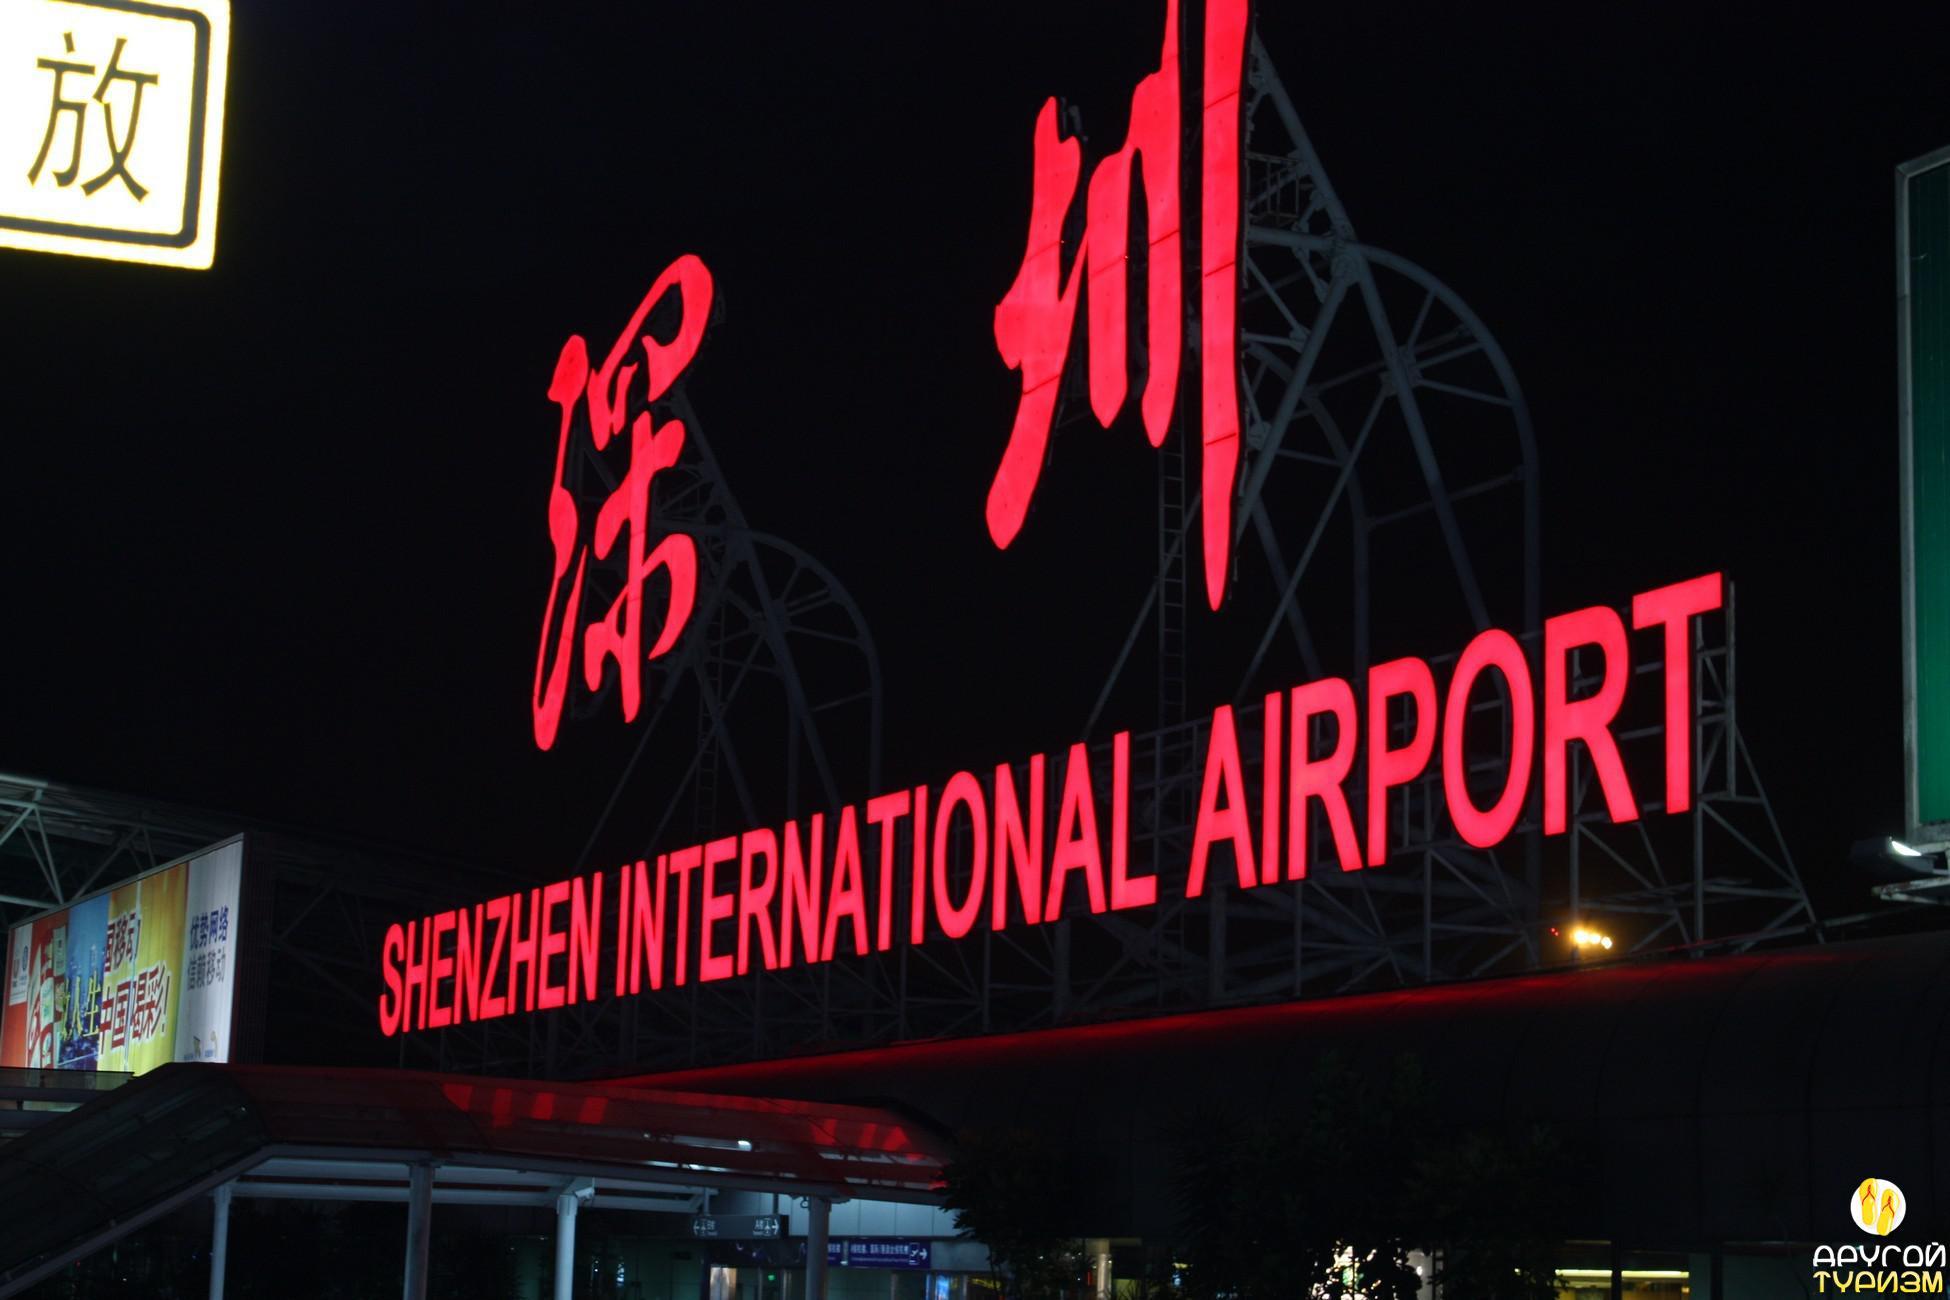 Аэропорт в г Шэньчжэнь